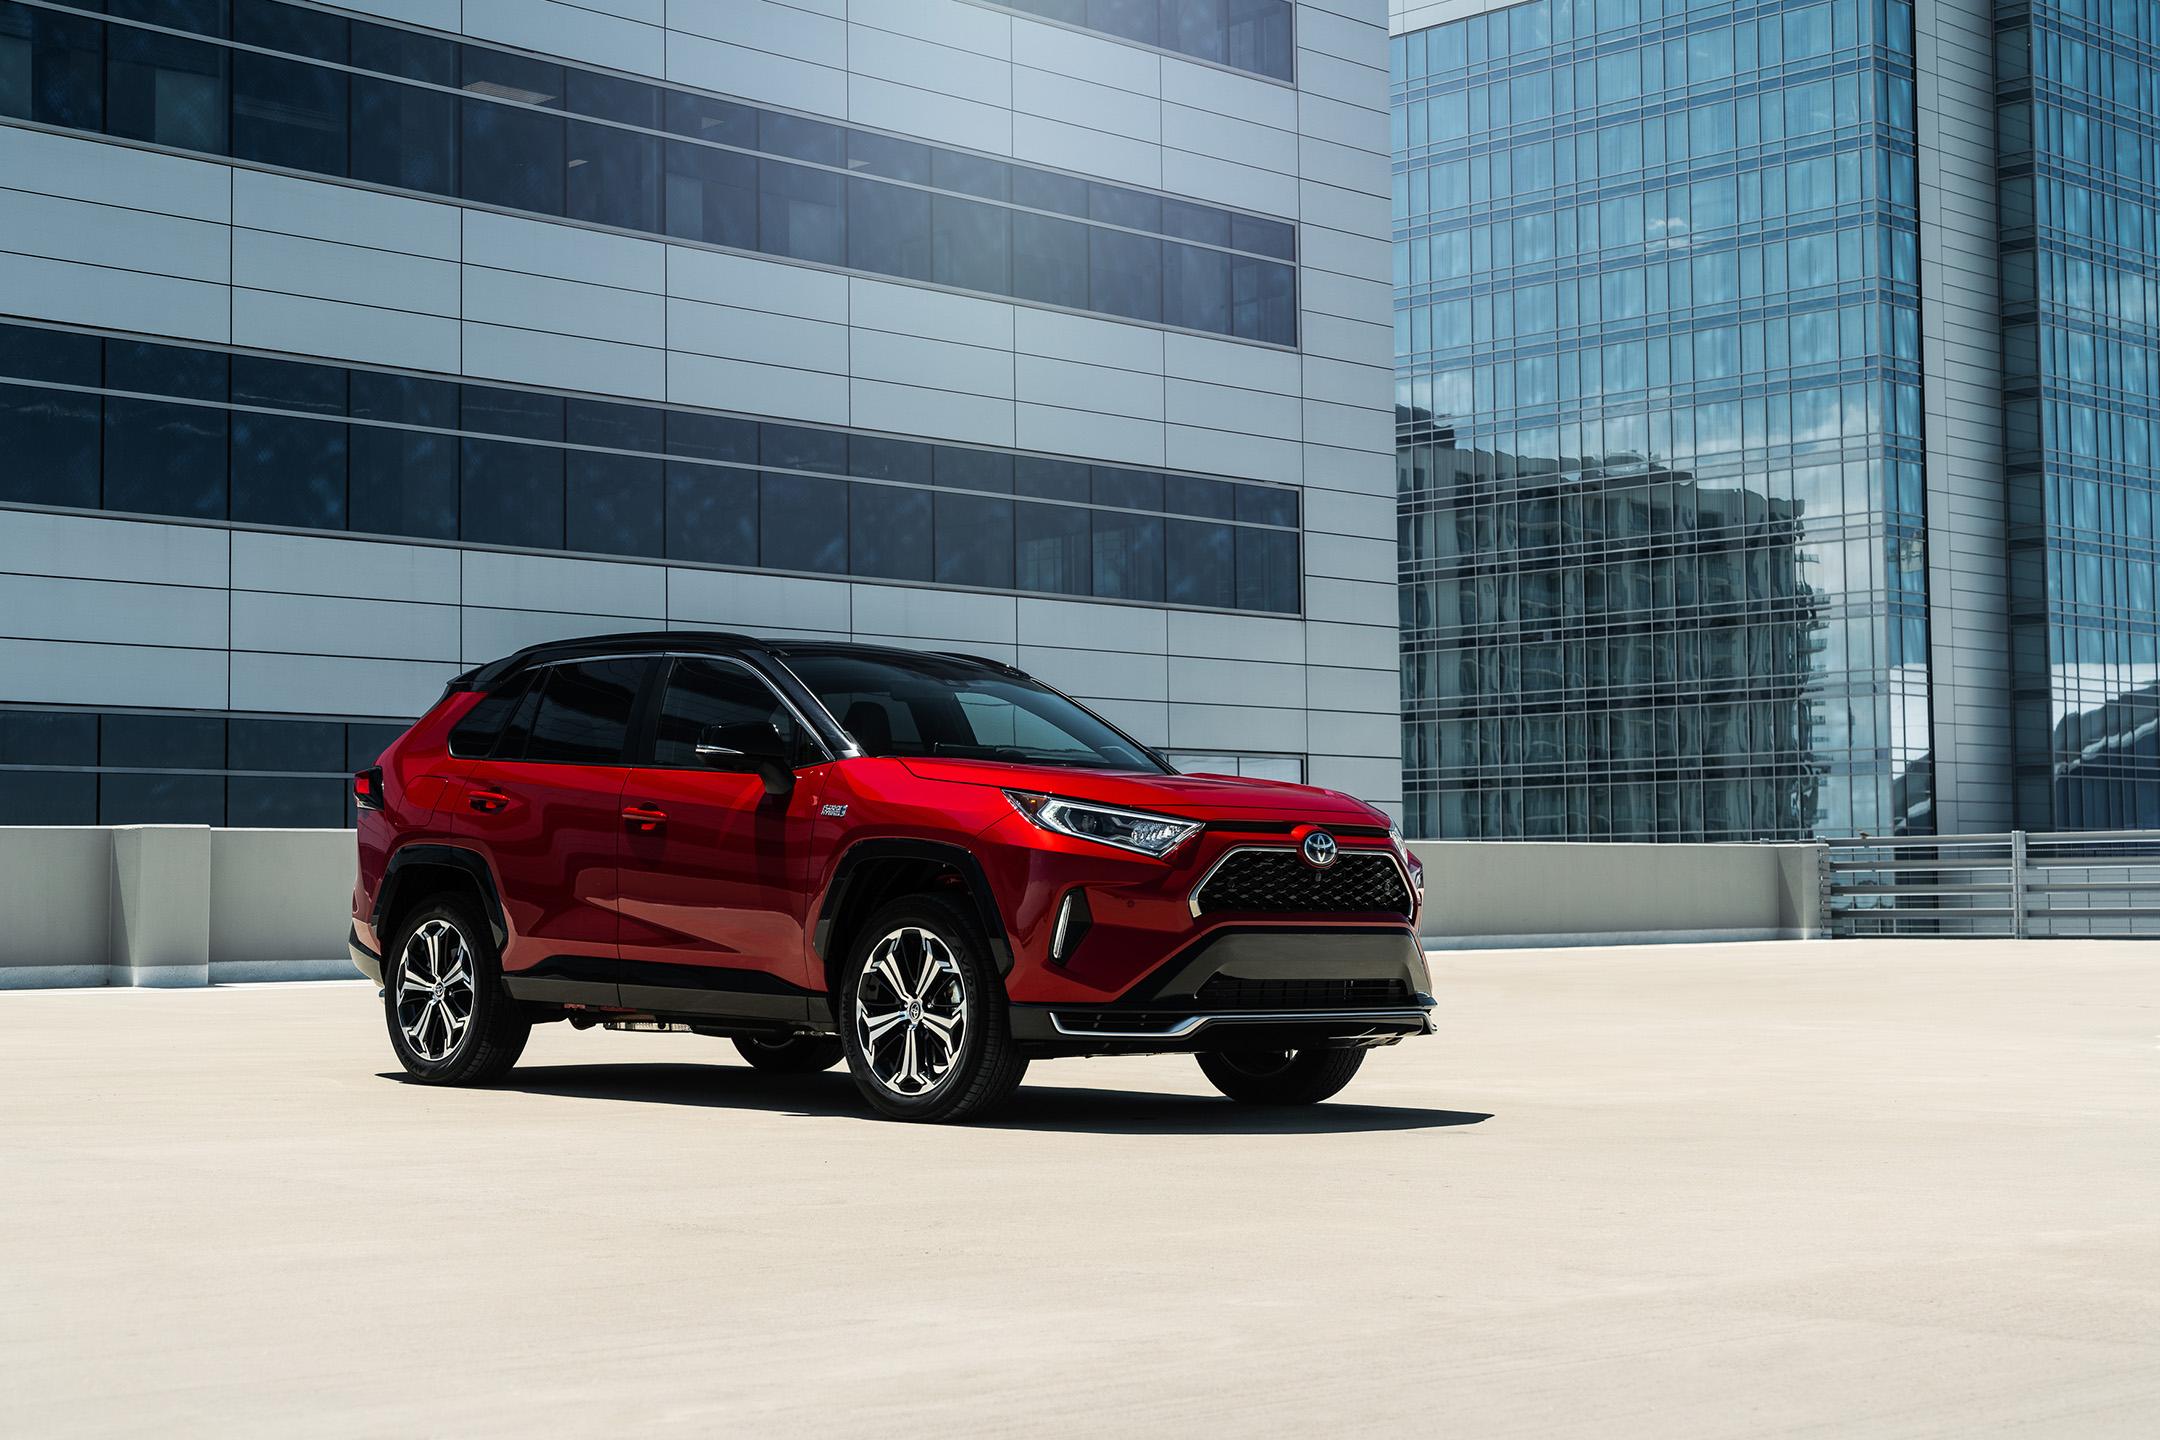 2021 Toyota RAV4 Prime Plug-in Hybrid Primed for Purchase Under $40,000